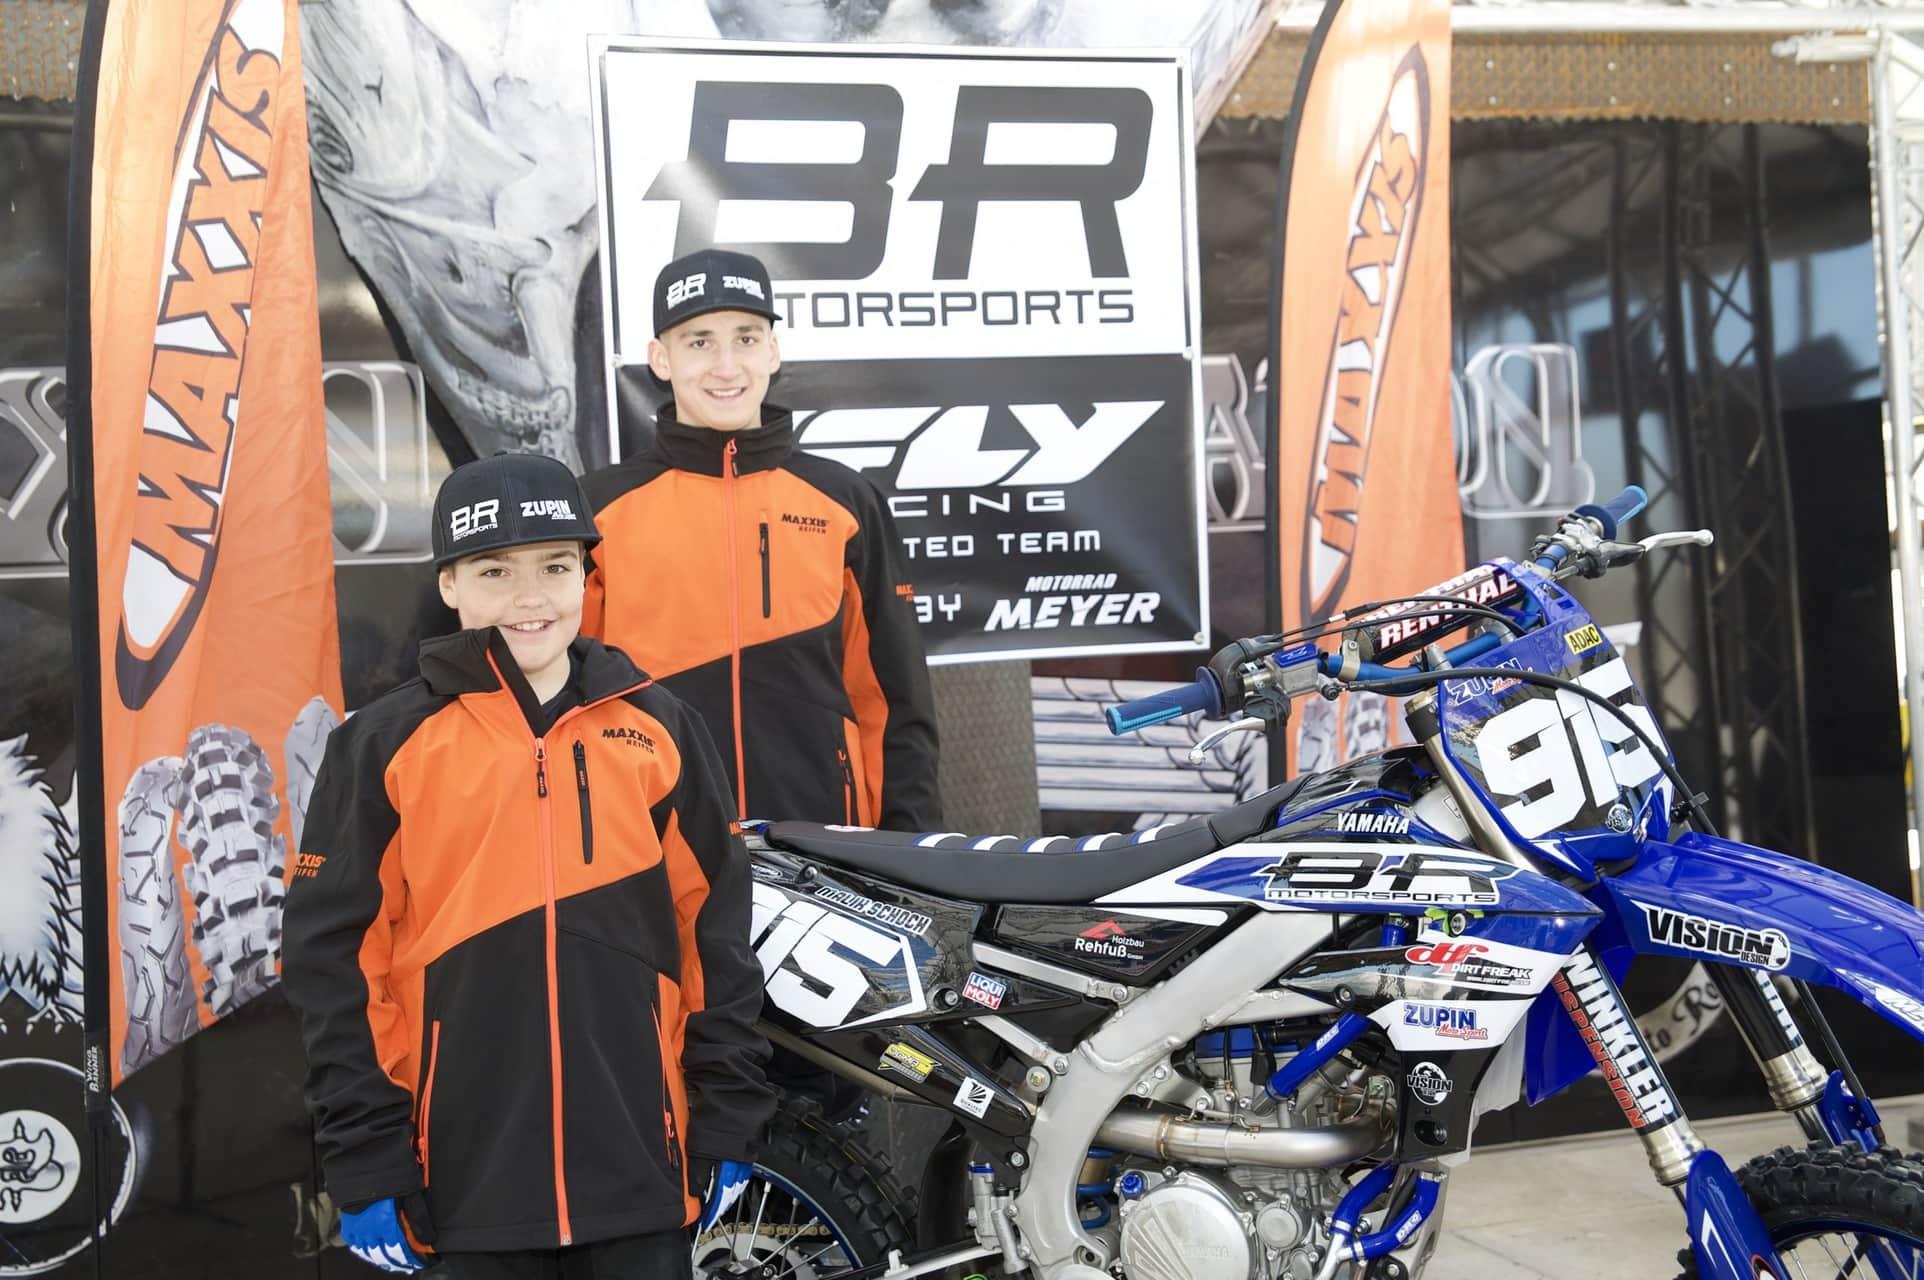 Neues MX Team BR Motorsports startet in die Saison 2021